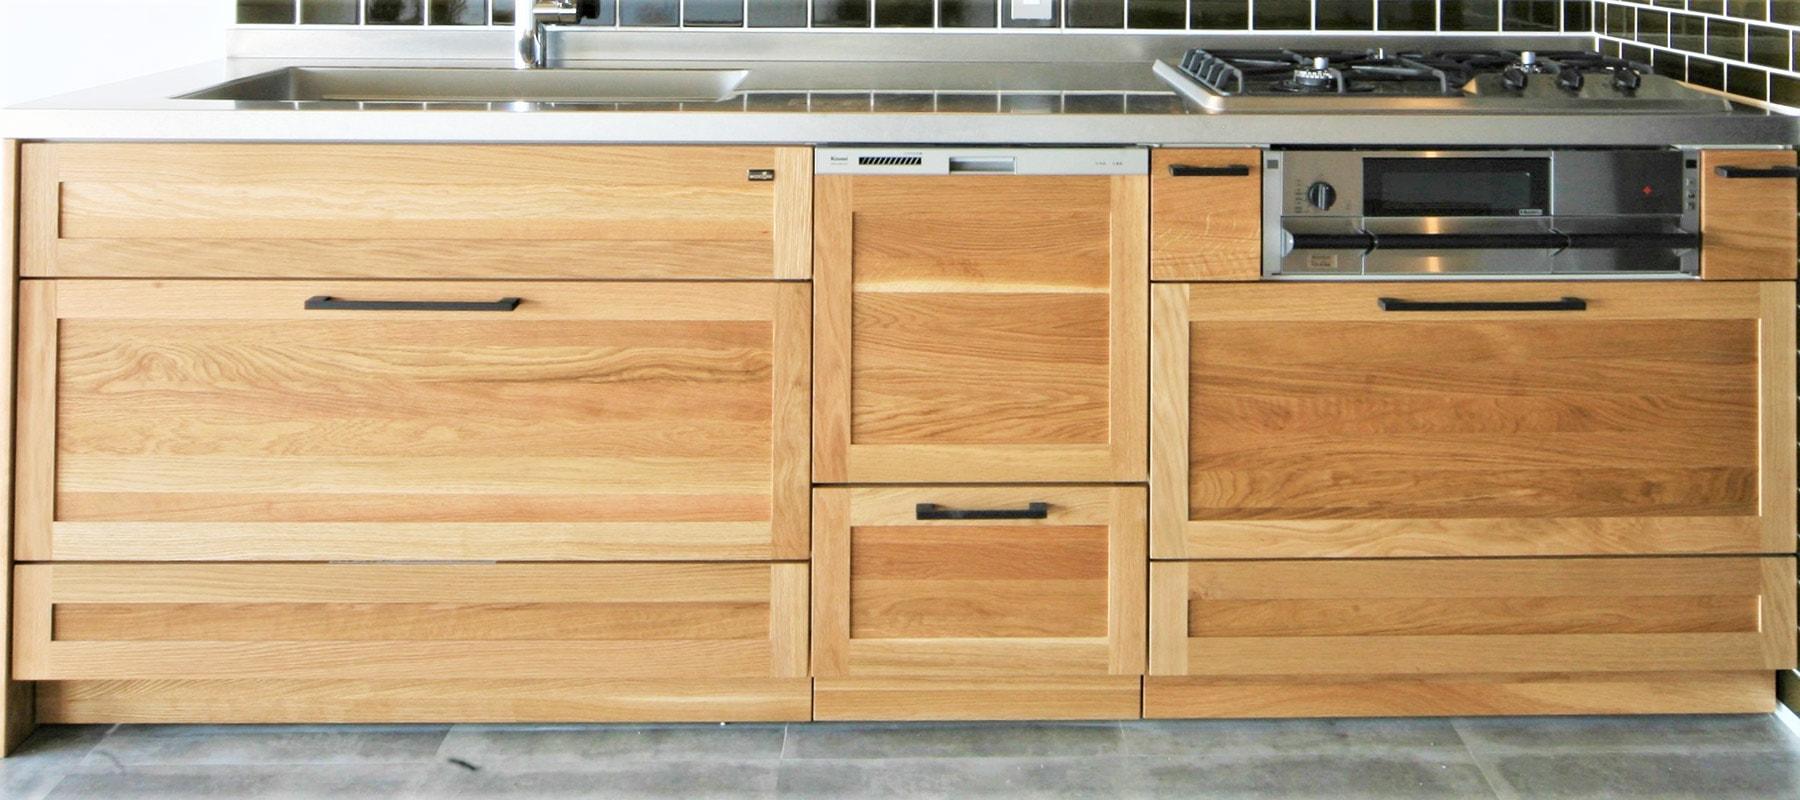 ~キッチンプラン例~ システムキッチン設置(同一タイプ) 工事費90万円